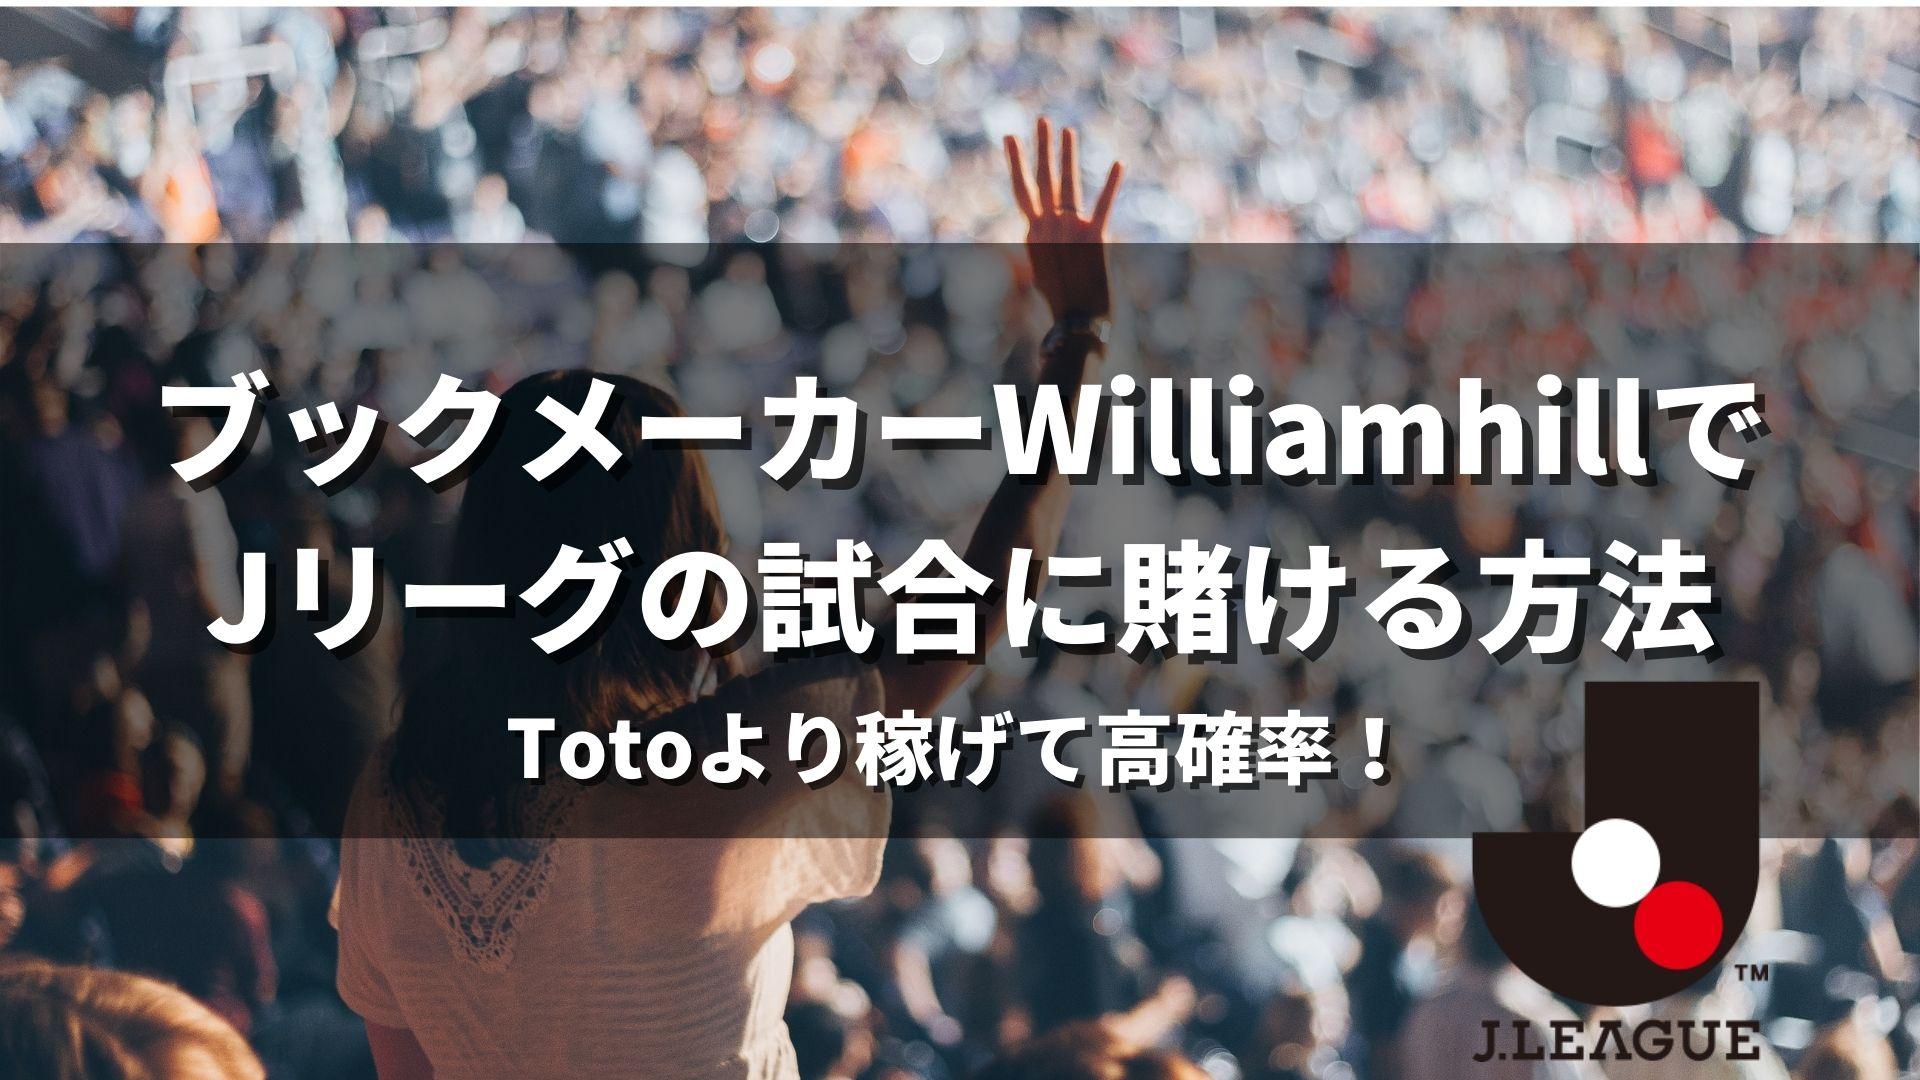 ウィリアムヒルでJリーグの試合に賭ける方法